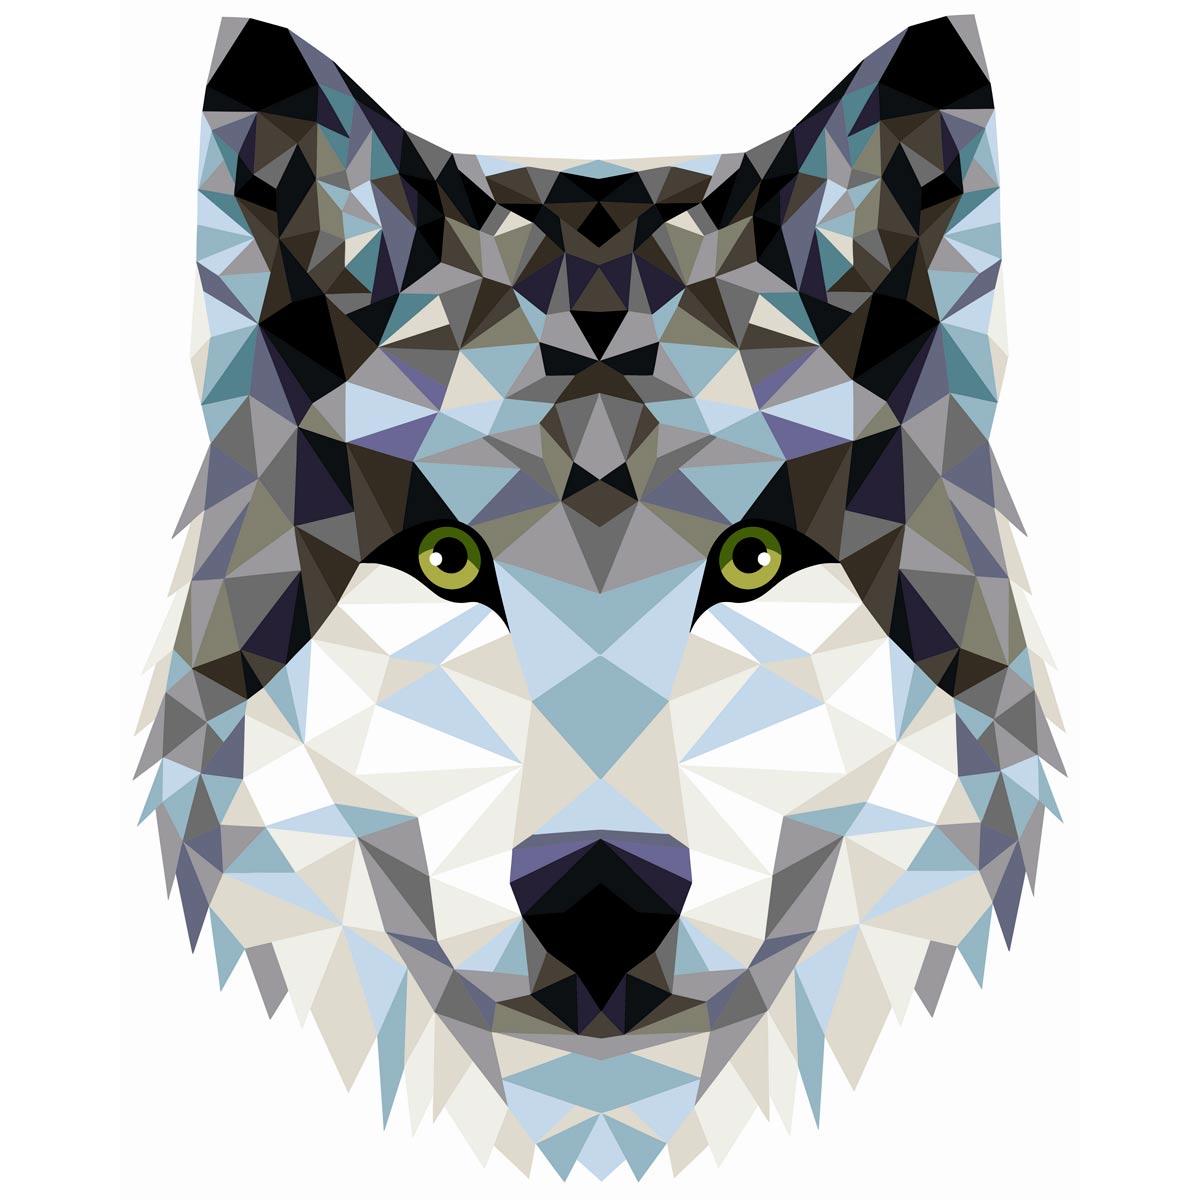 P004 Набор для рисования по номерам 'Волк' (полигональный стиль) 40*50см